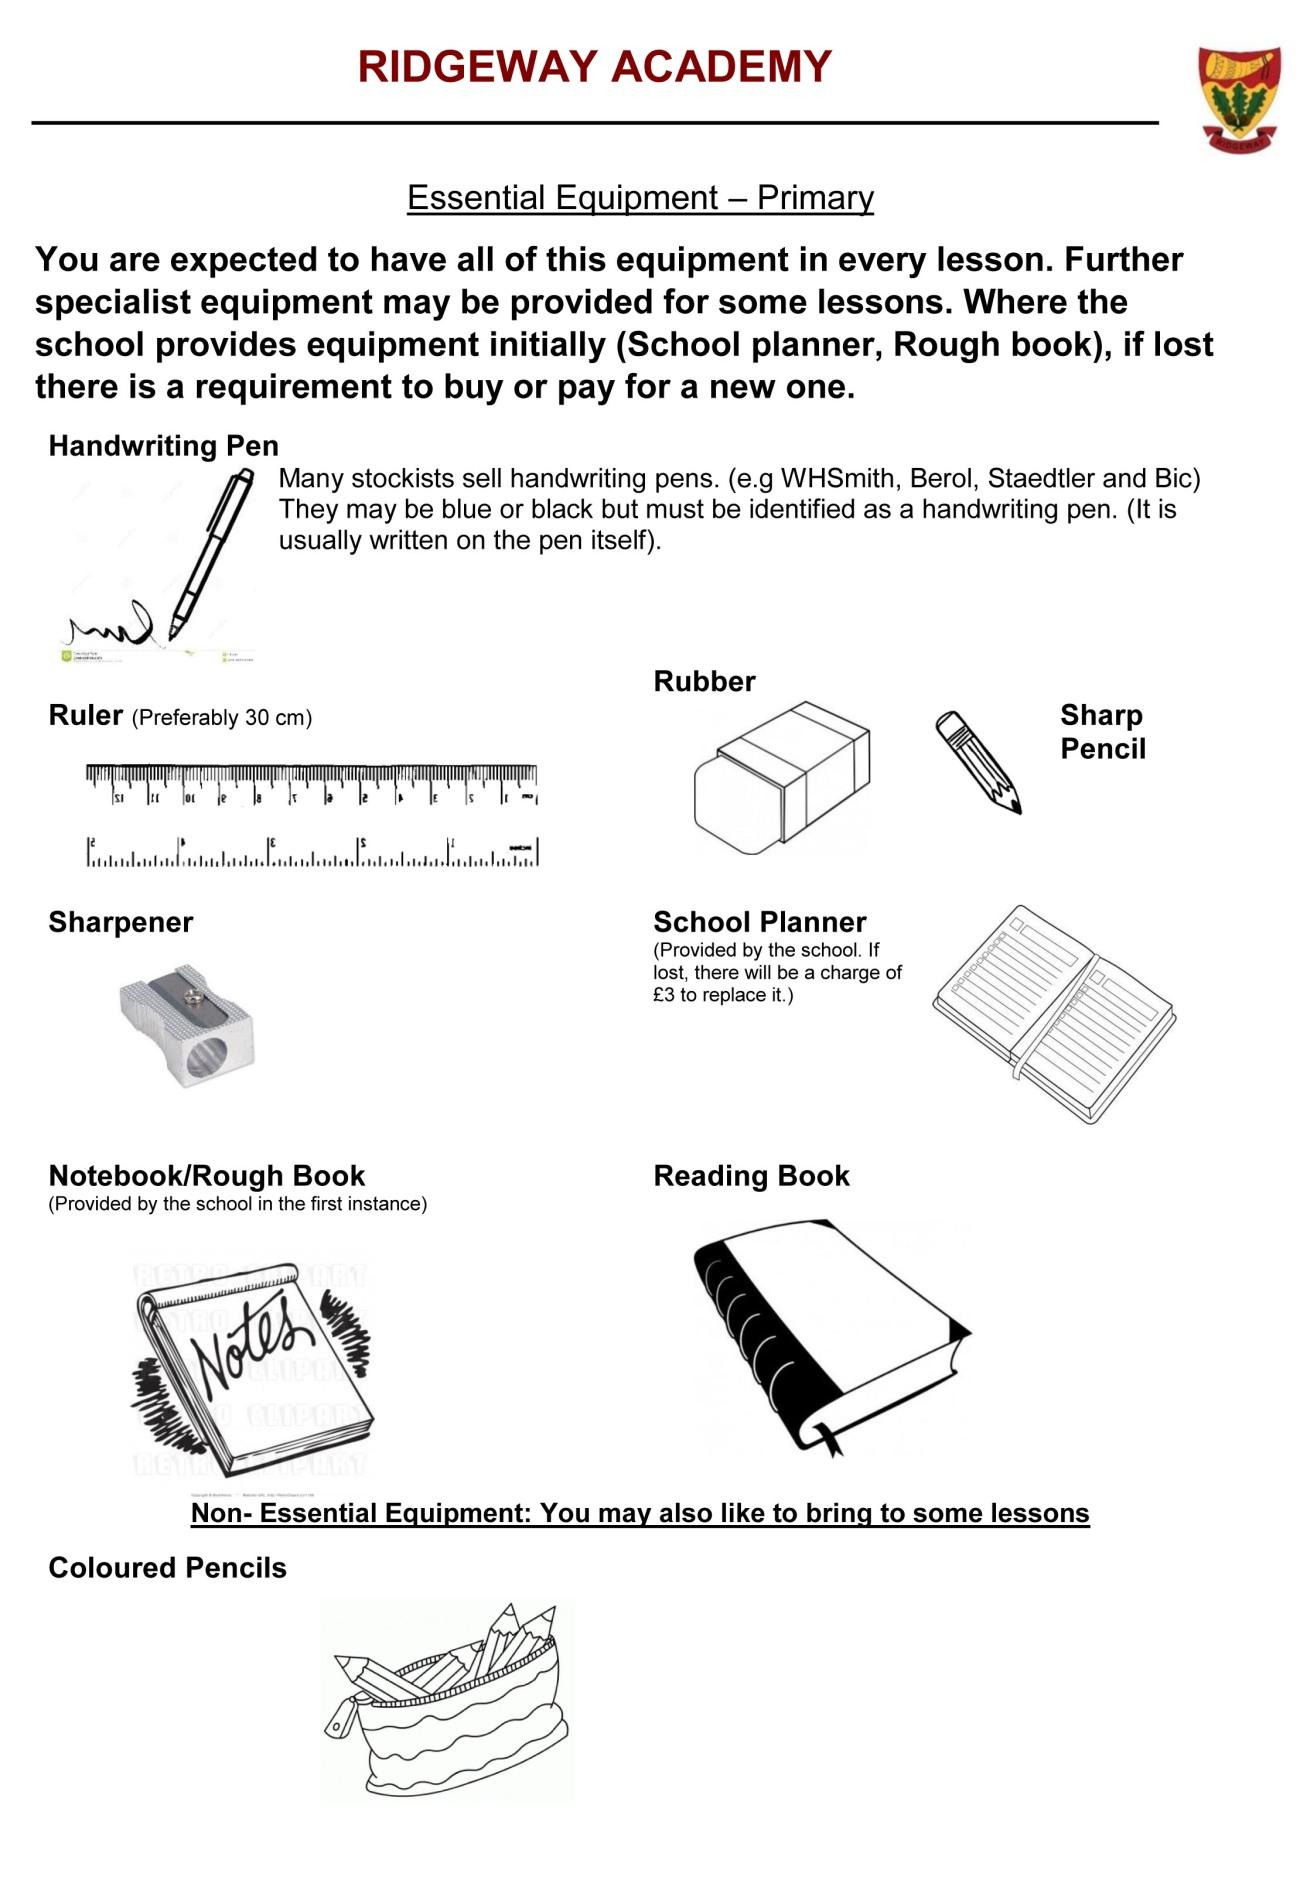 KS2 Essential equipment for lessons-1.jpg